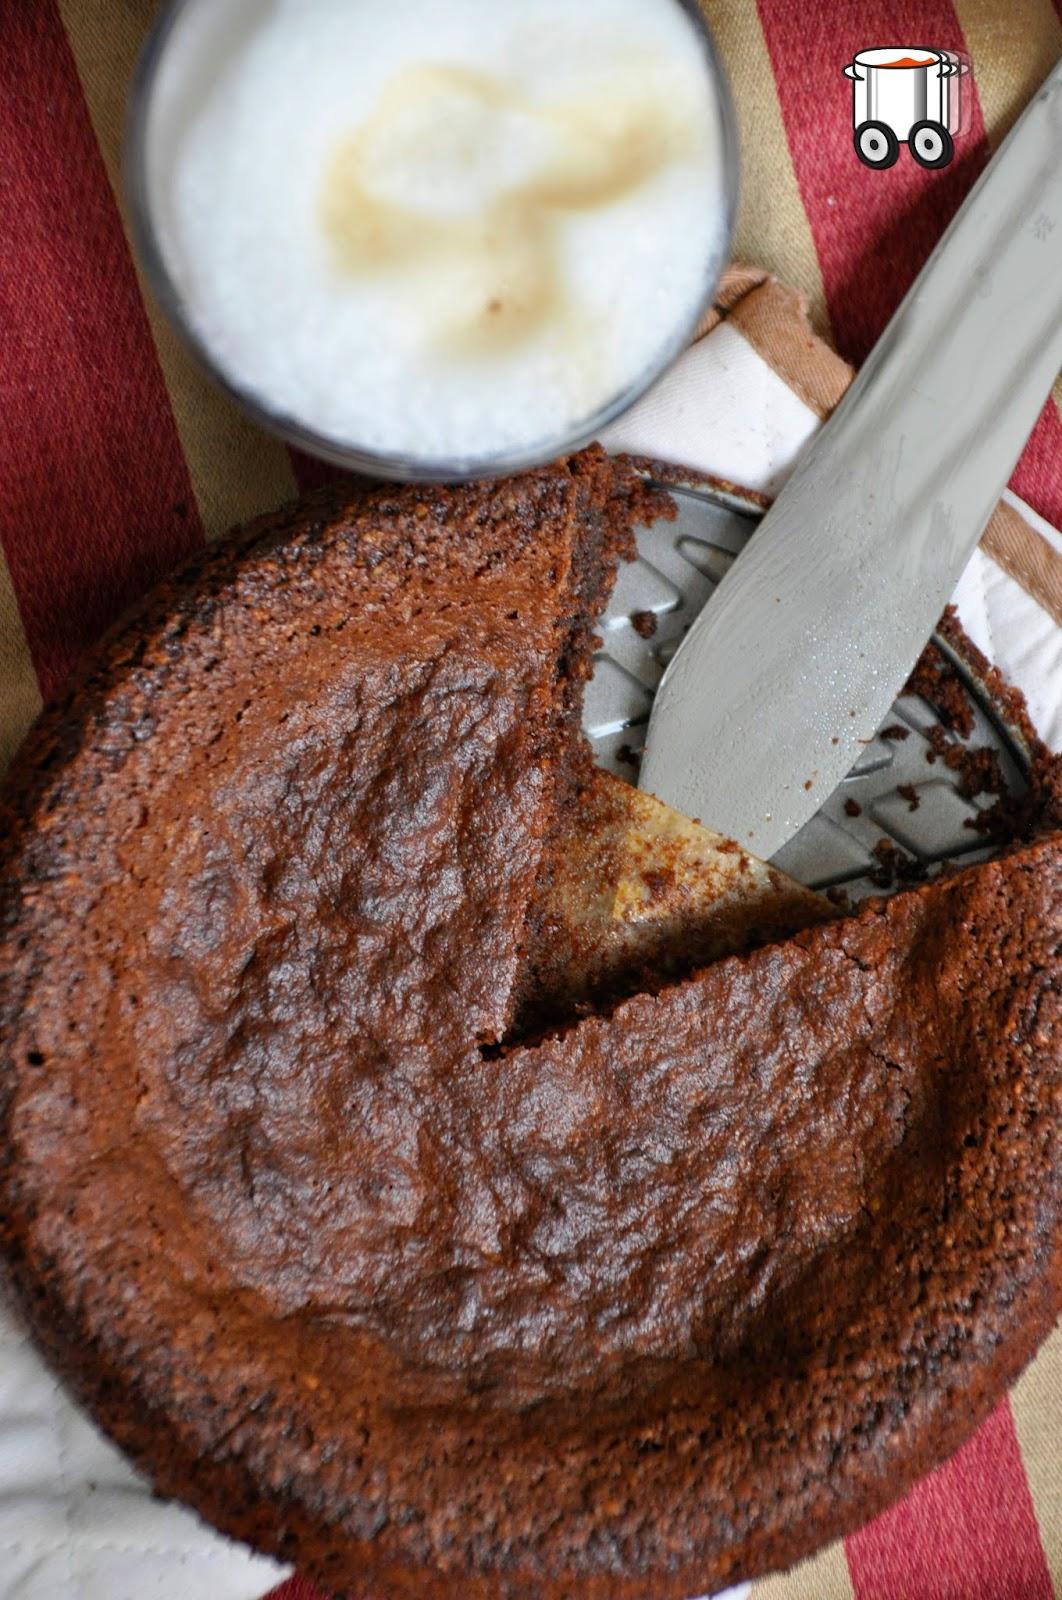 Szybko Tanio Smacznie - Tarta czekoladowo - migdałowa (bezglutenowa)